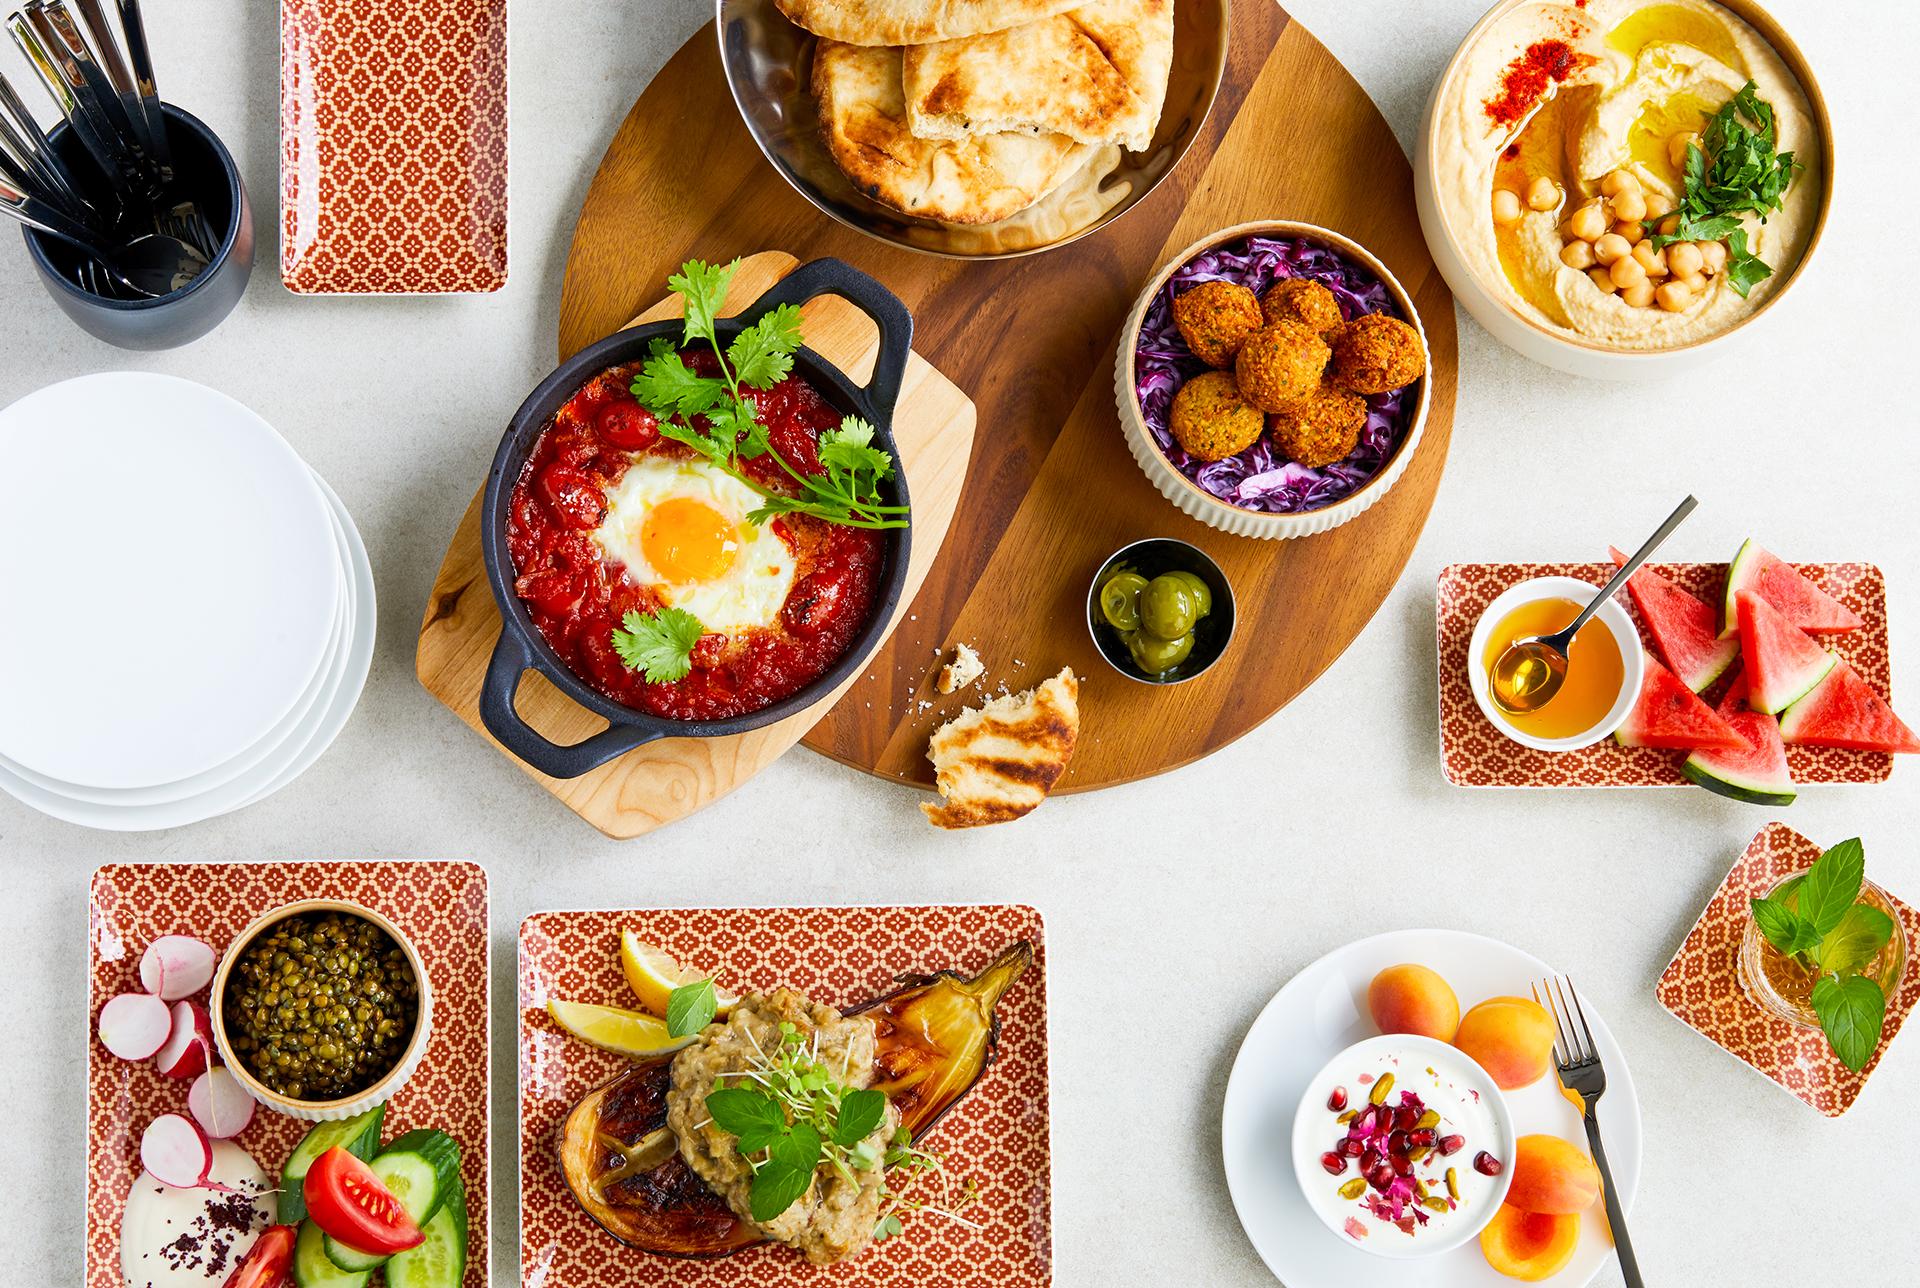 Imagebroschuere fuer Geschirrhersteller Bauscher Germany fotografiert von Katrin Winner Muenchen in Zusammenarbeit mit Agentur Schliesske und Foodstylist Michael Koch